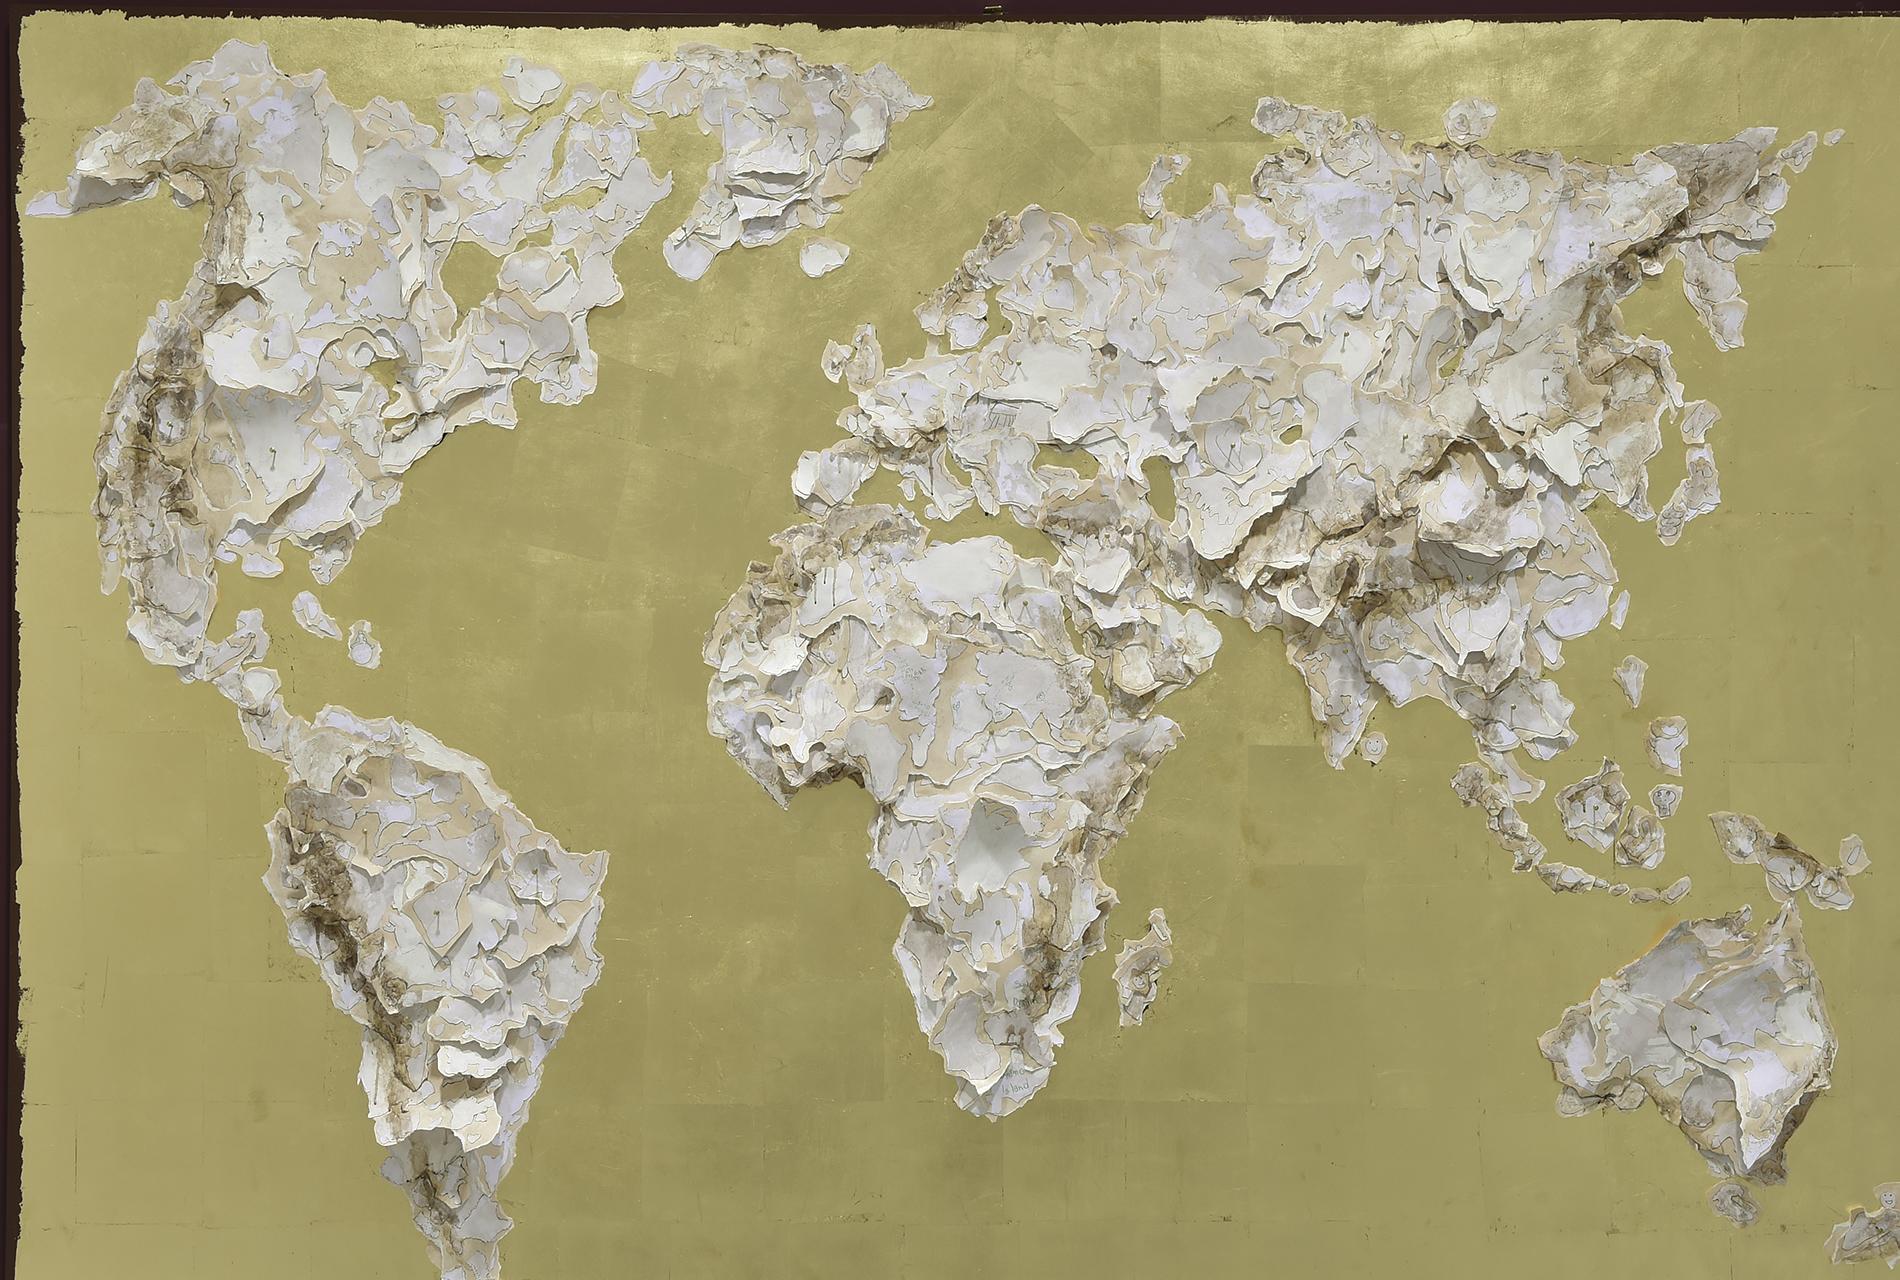 """Il mondo che vorrei<br>CBB<br>misure: 150 x 220 cm<br>tecnica: collage di carta su oro a foglia e acrilico<br>anno: 2016<br><br><span style=""""color:red"""">NON DISPONIBILE</span>"""